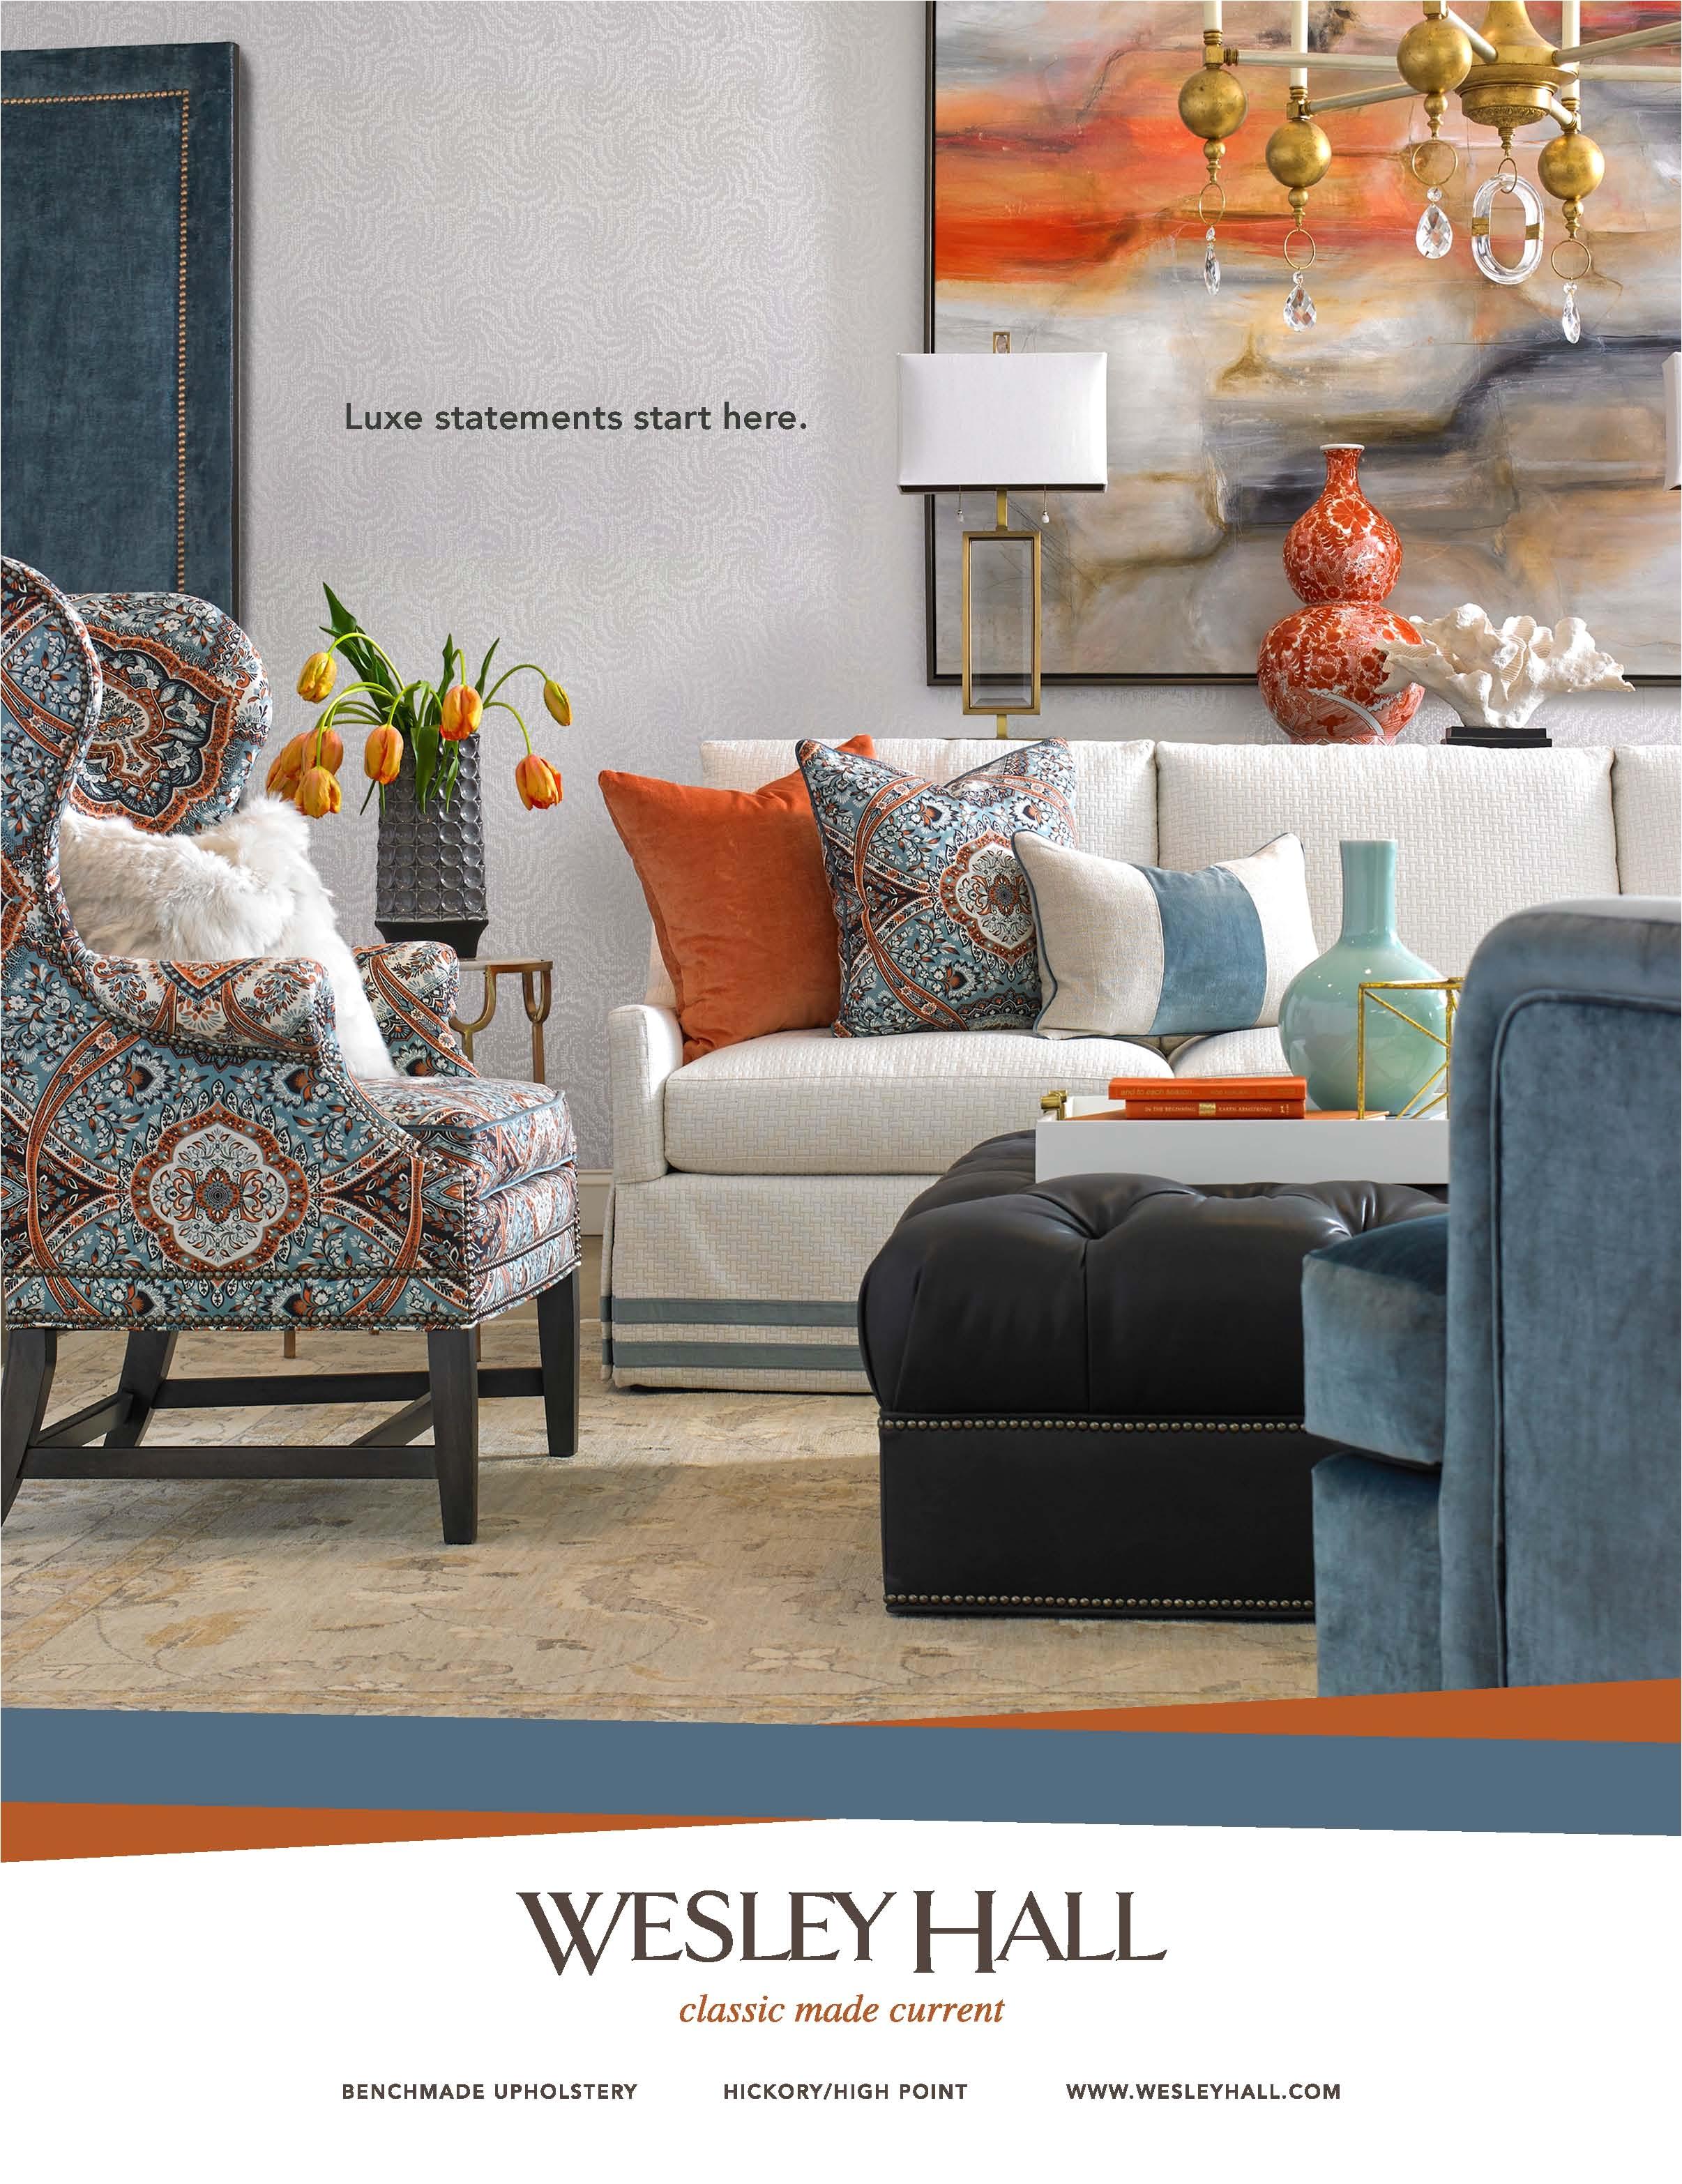 Isenhour Furniture Wesley Hall National Ads